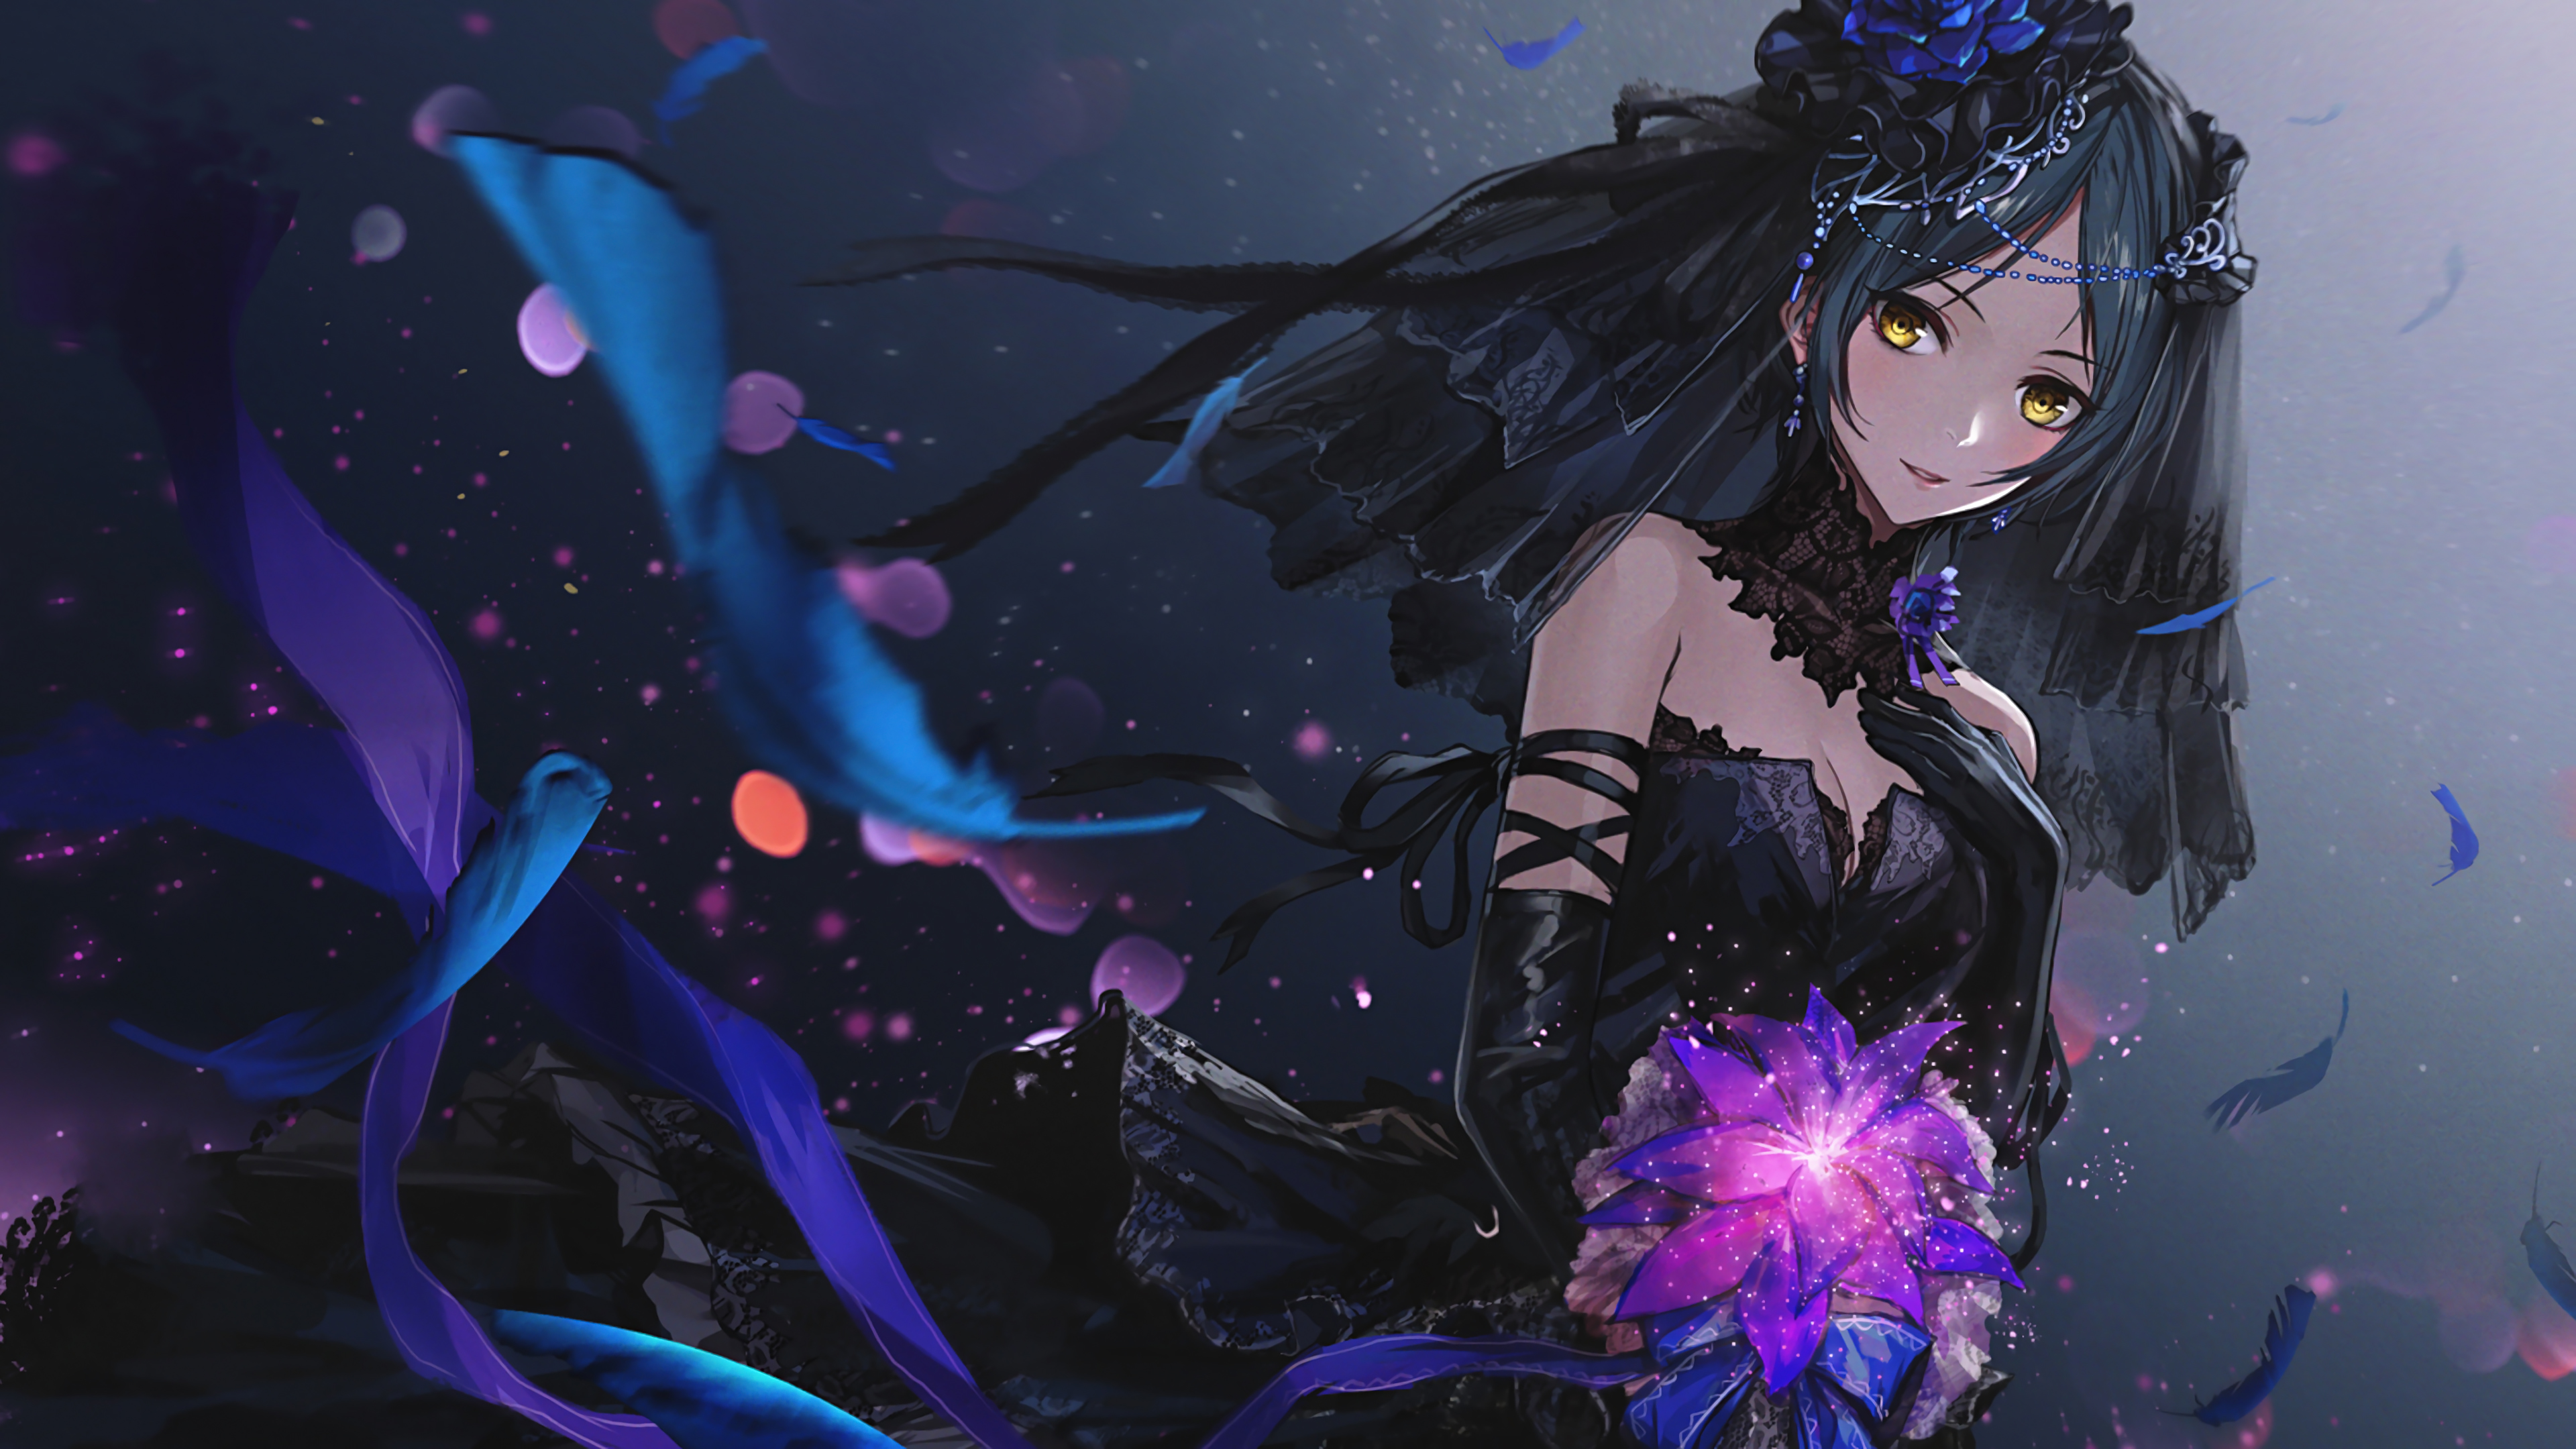 Fondos de pantalla Chica anime con vestido negro